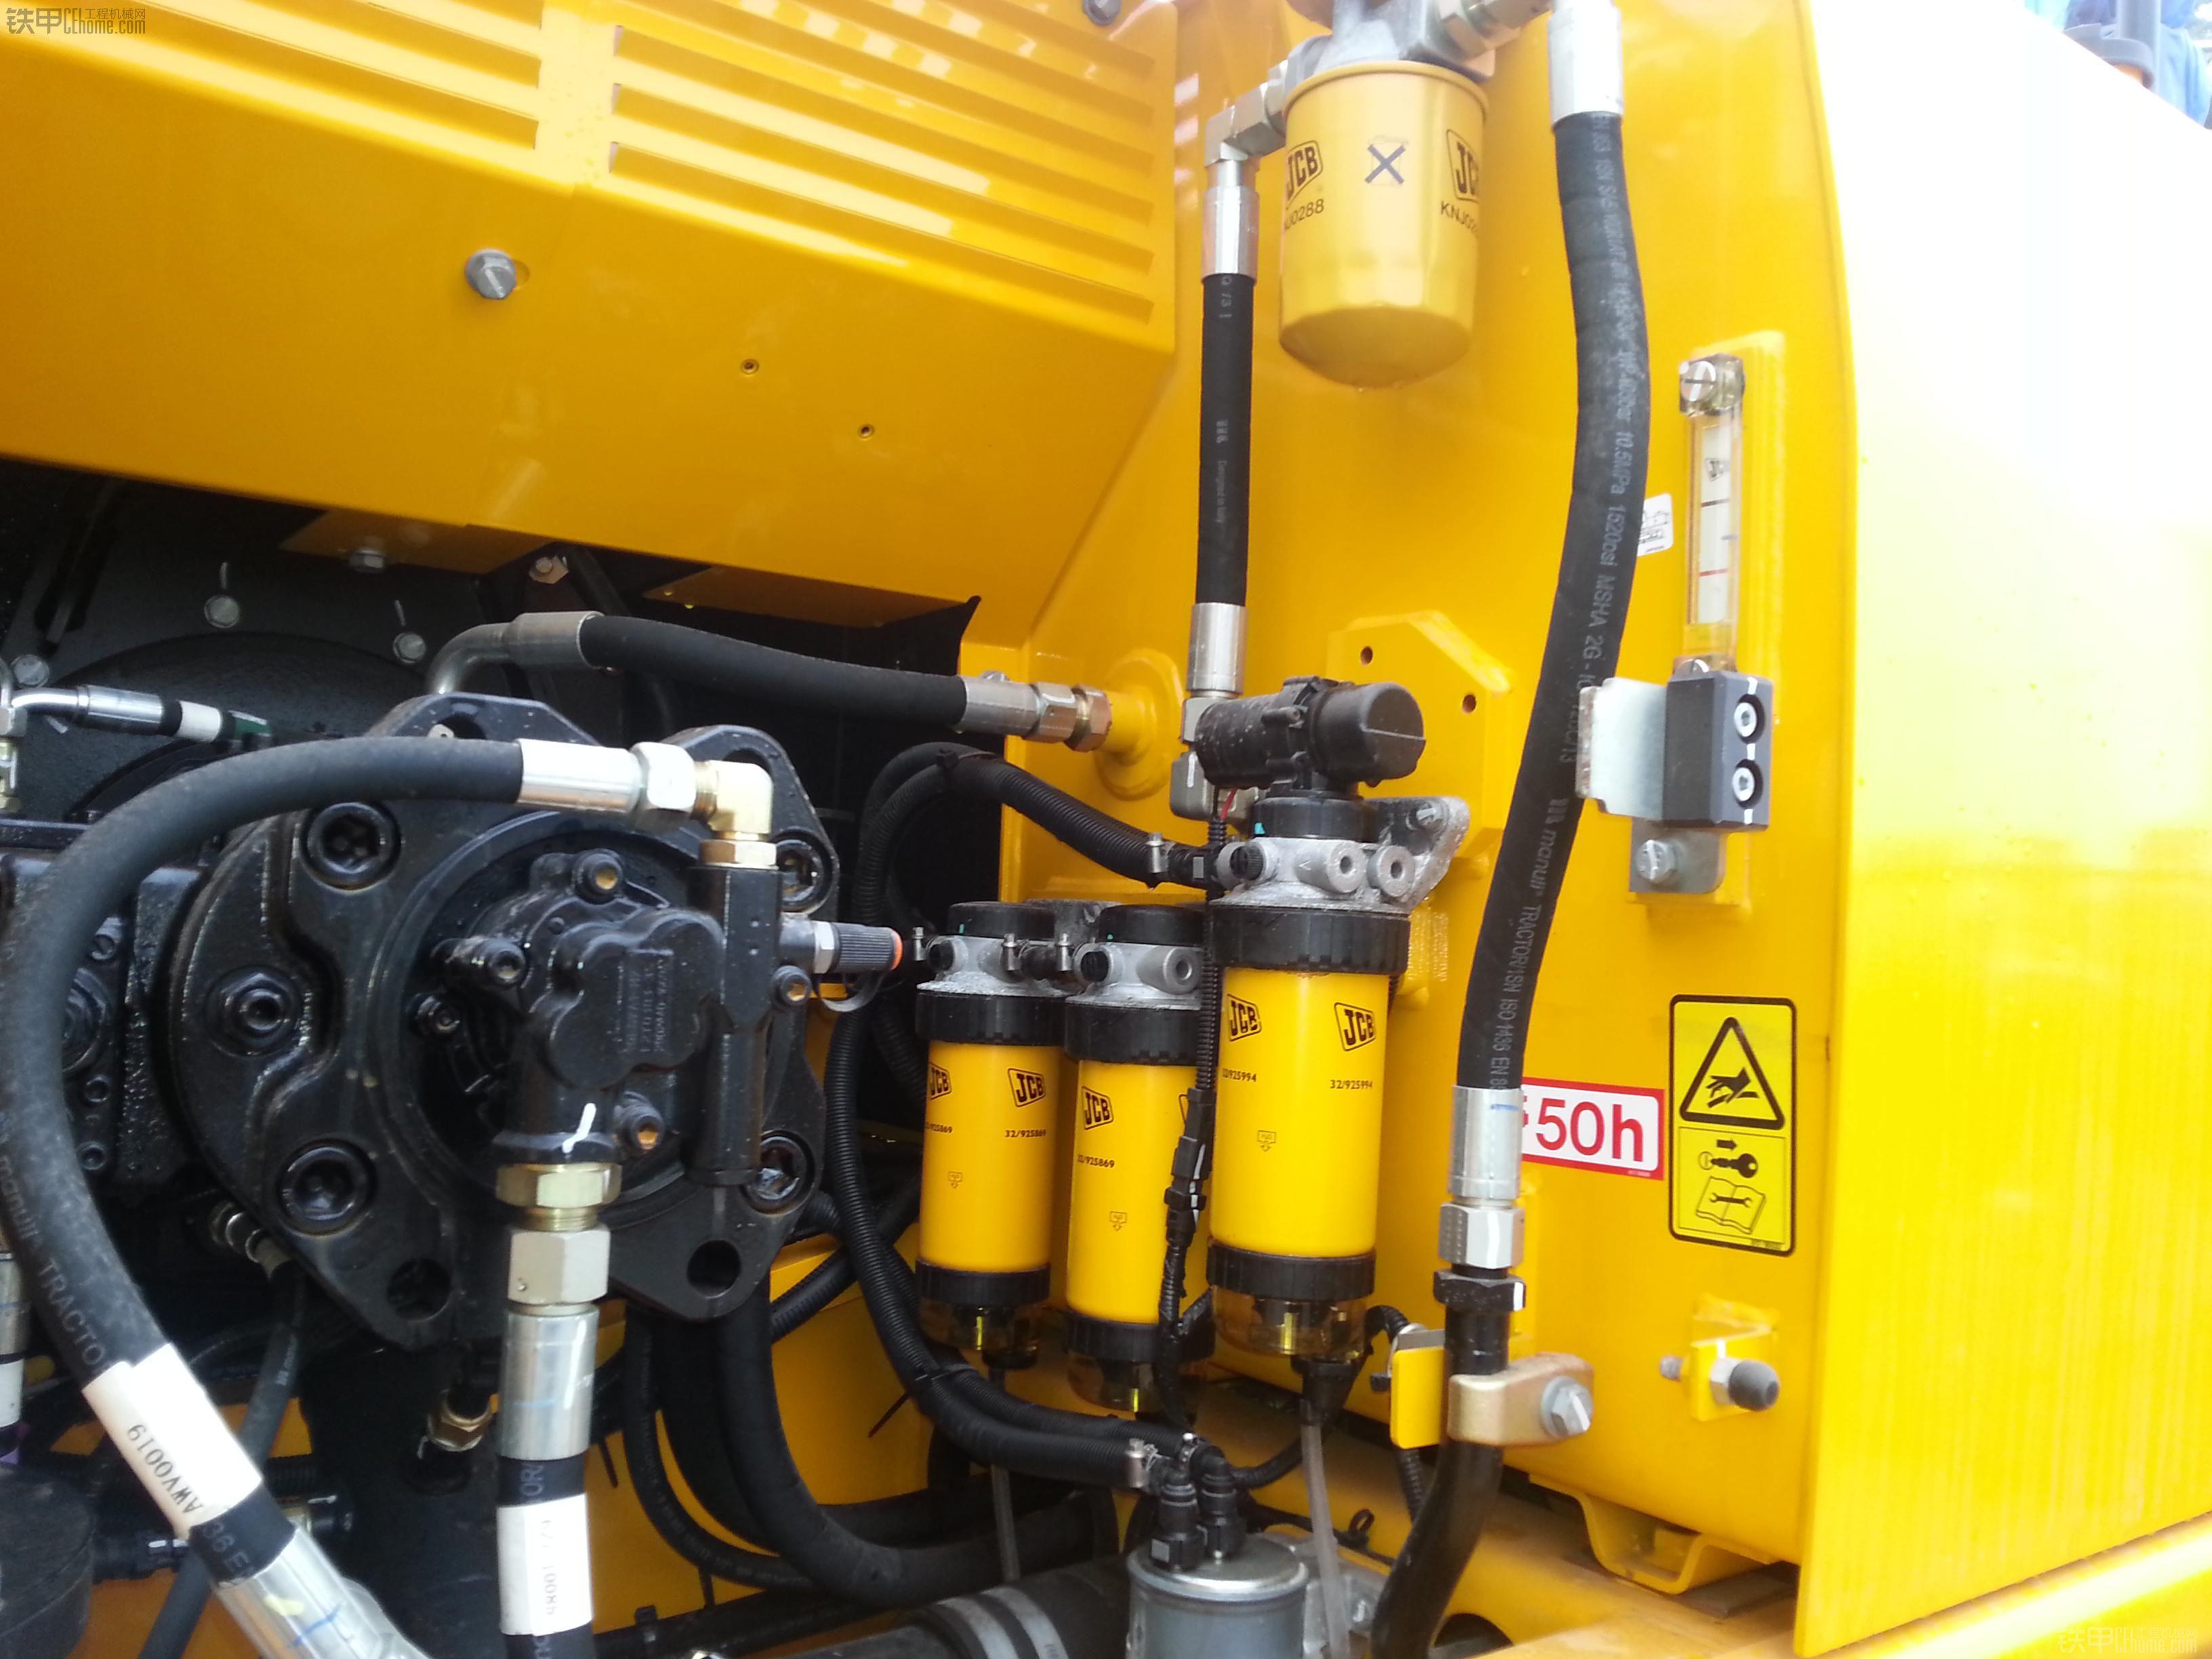 挖掘机液压系统_4,jcb研发的ams系统,实现了发动机与液压系统智能完美匹配,确保高